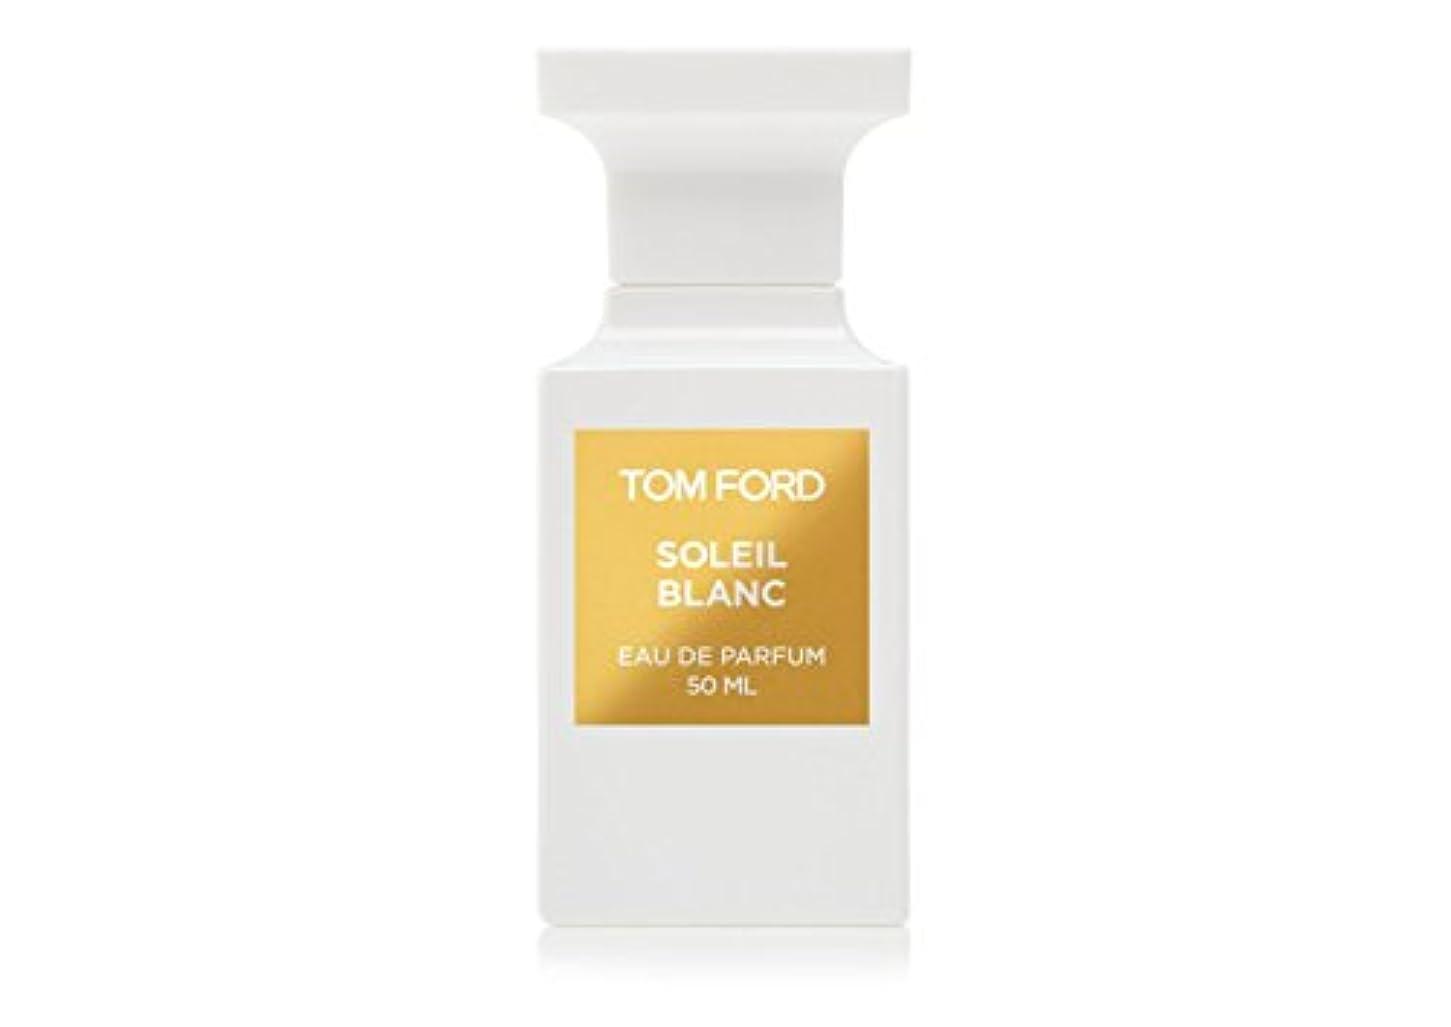 ランデブー創傷若者Tom Ford Private Blend 'Soleil Blanc' (トムフォード プライベートブレンド ソレイユ ブラン) 1.7 oz (50ml) EDP Spray